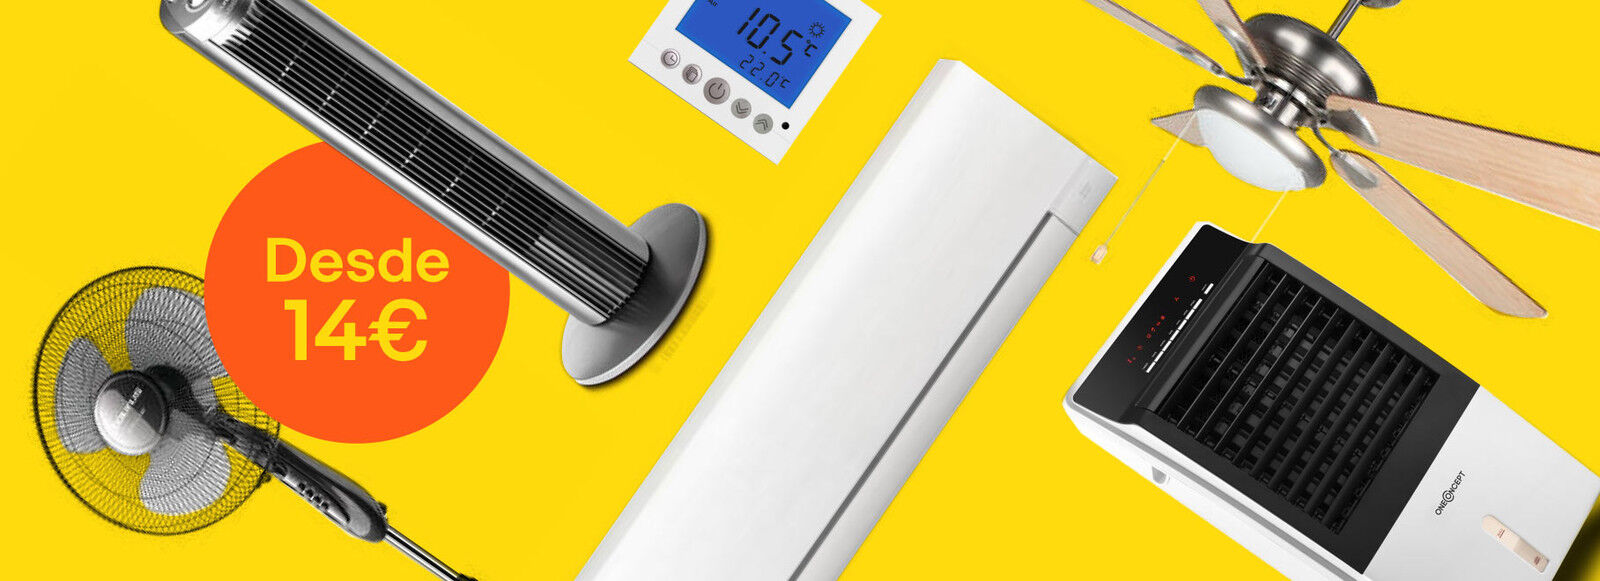 La mejor selección de ventiladores y climatización desde 14€